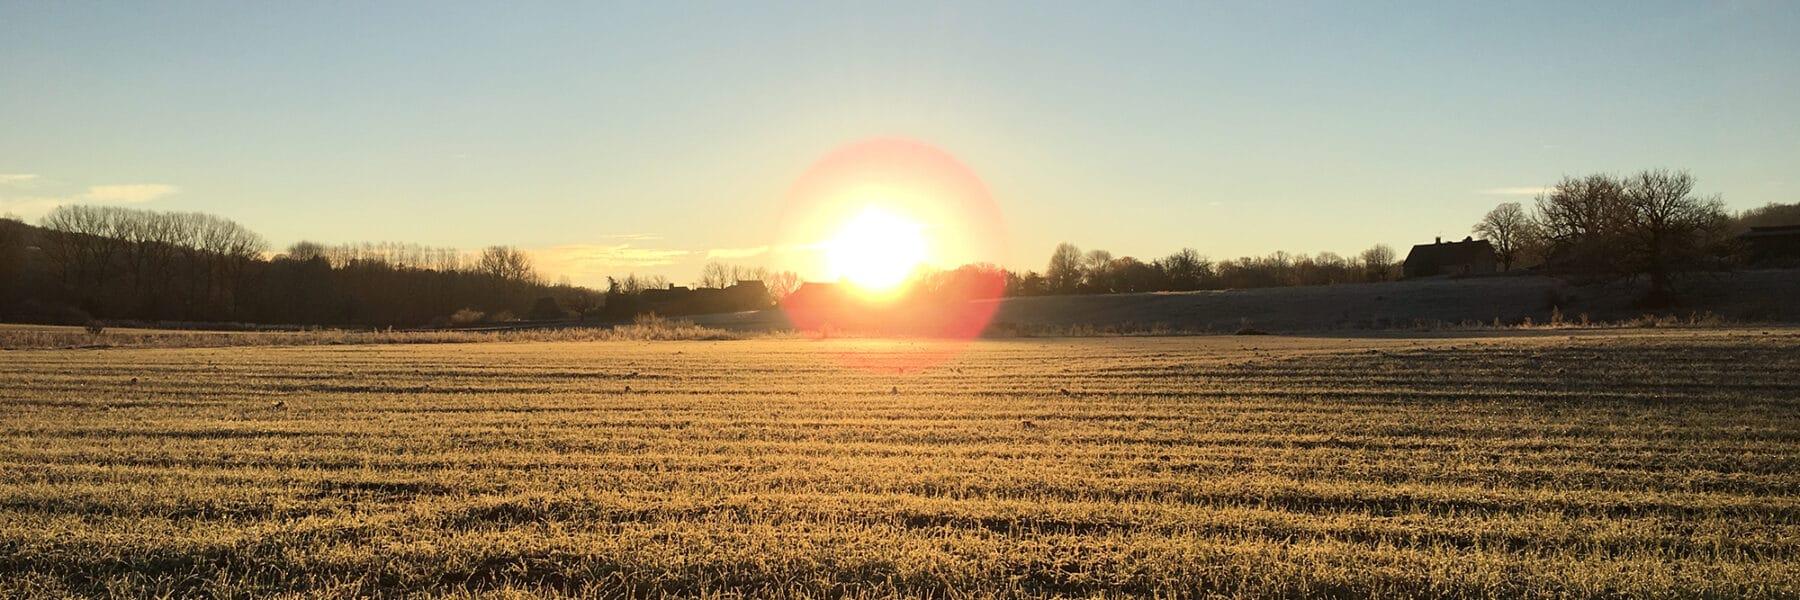 Coucher de soleil au camping en Périgord